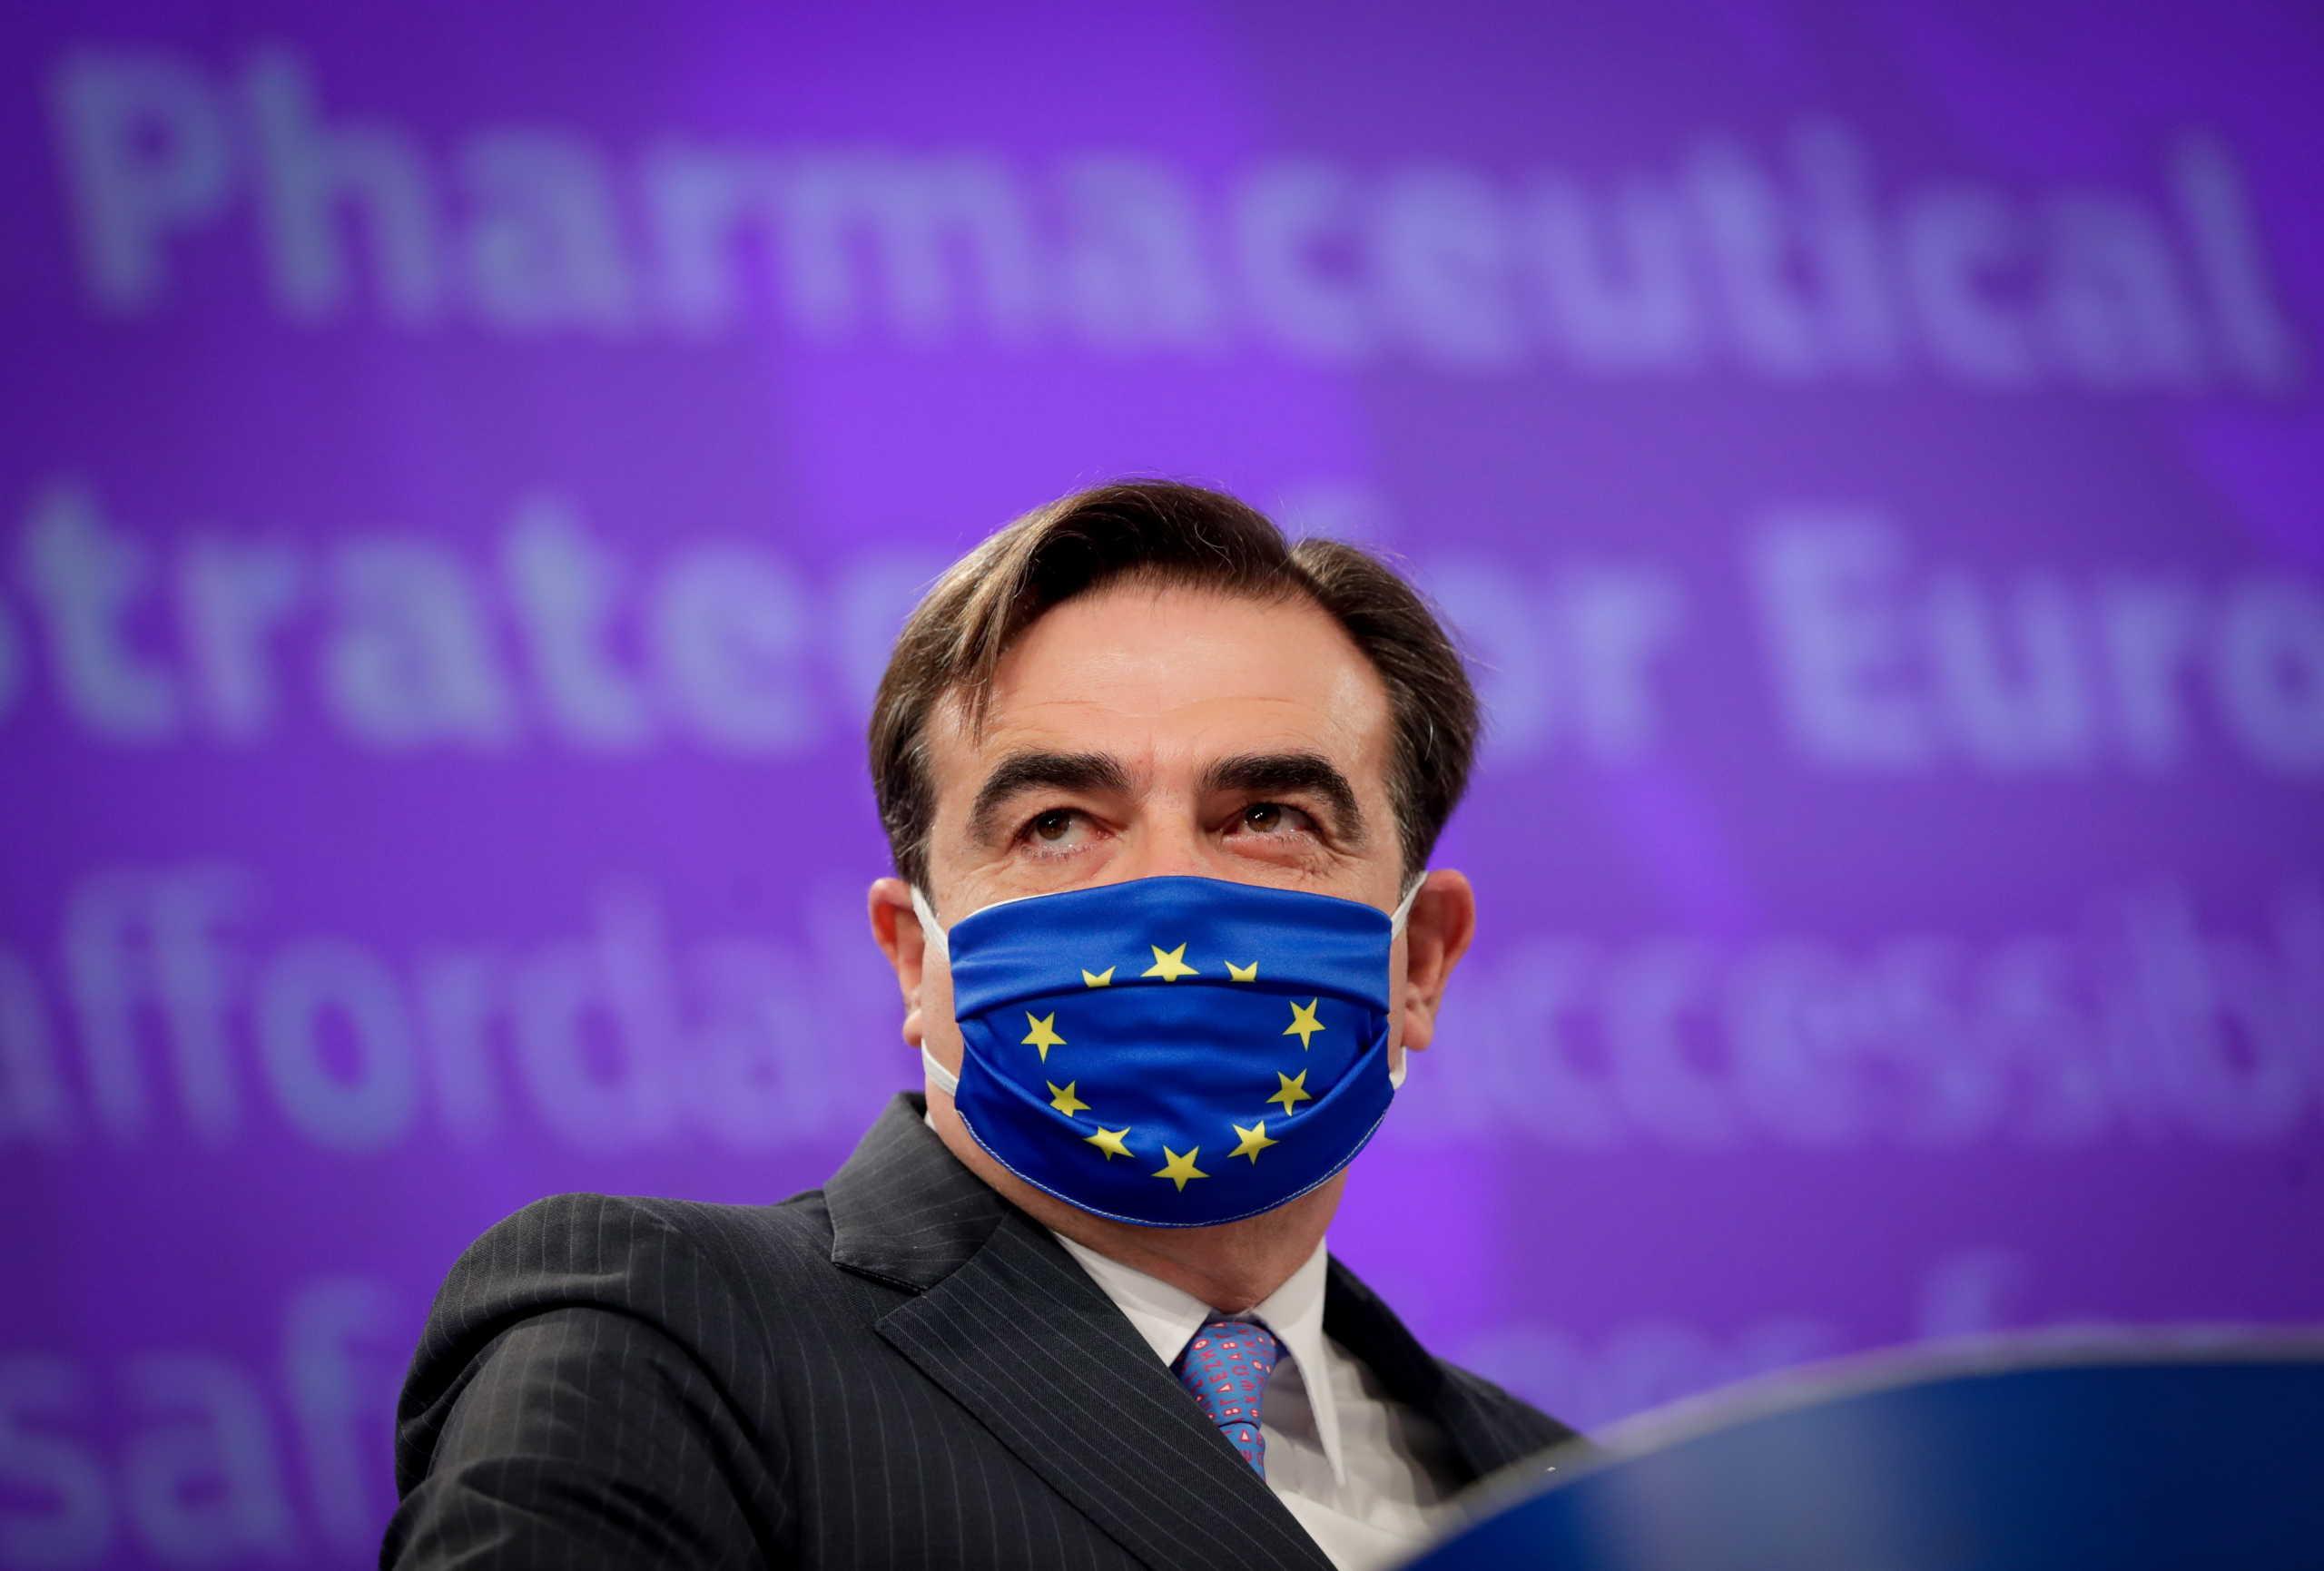 Κομισιόν – Σχοινάς: Καλωσορίζουμε την πρόταση Μητσοτάκη για «πιστοποιητικό εμβολιασμού»